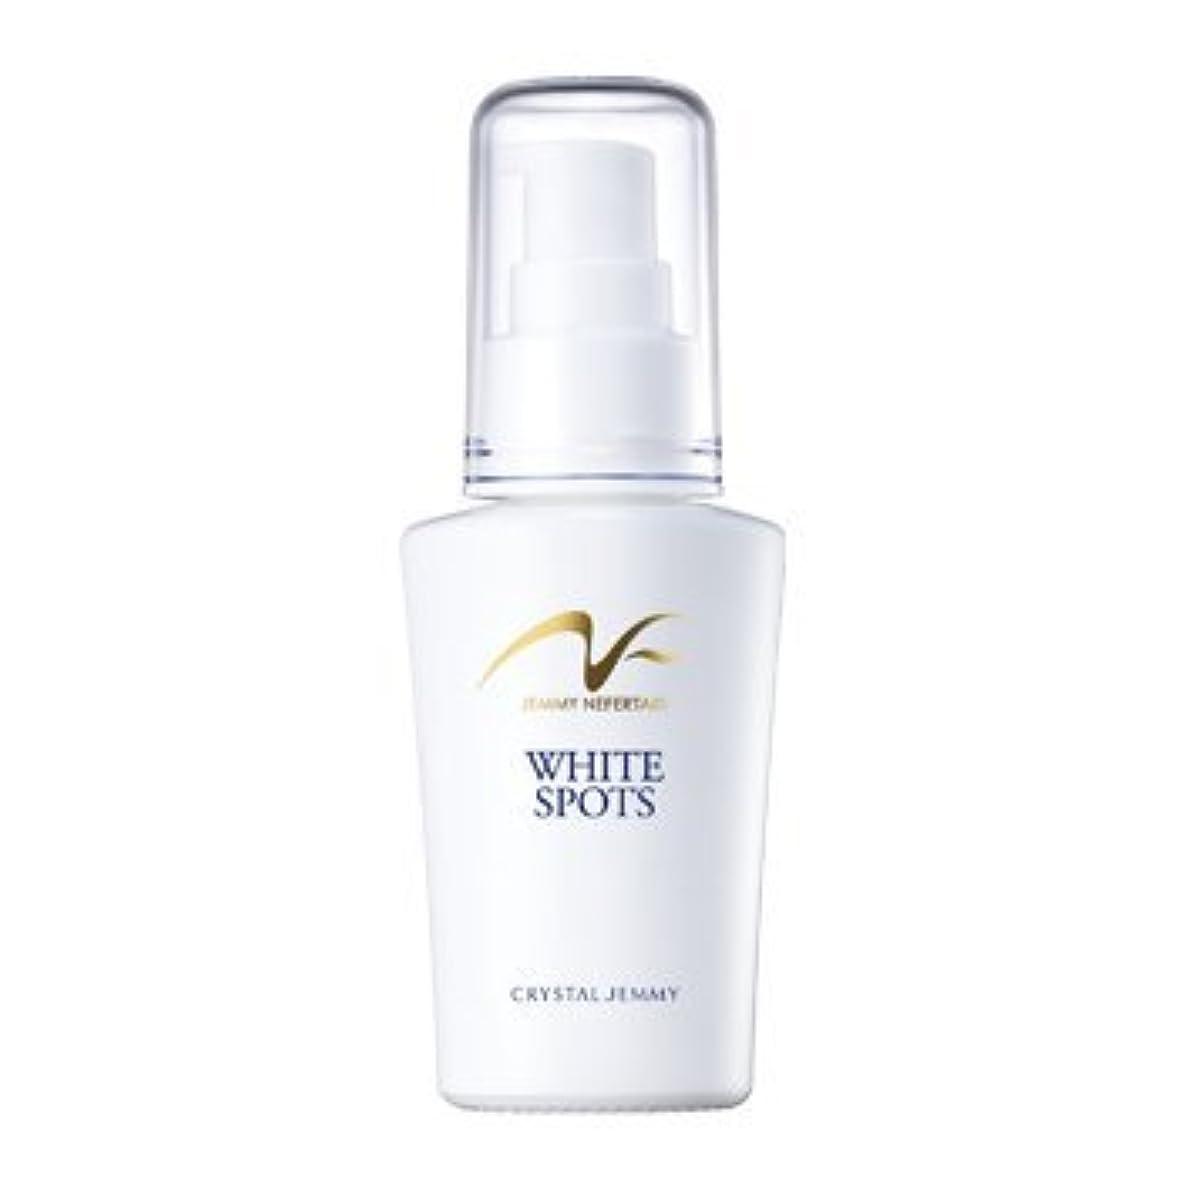 アライメント然とした委員会クリスタルジェミー ジェミーネフェルタリ薬用ホワイトスポッツ 美容液 美白 集中 シミ 対策